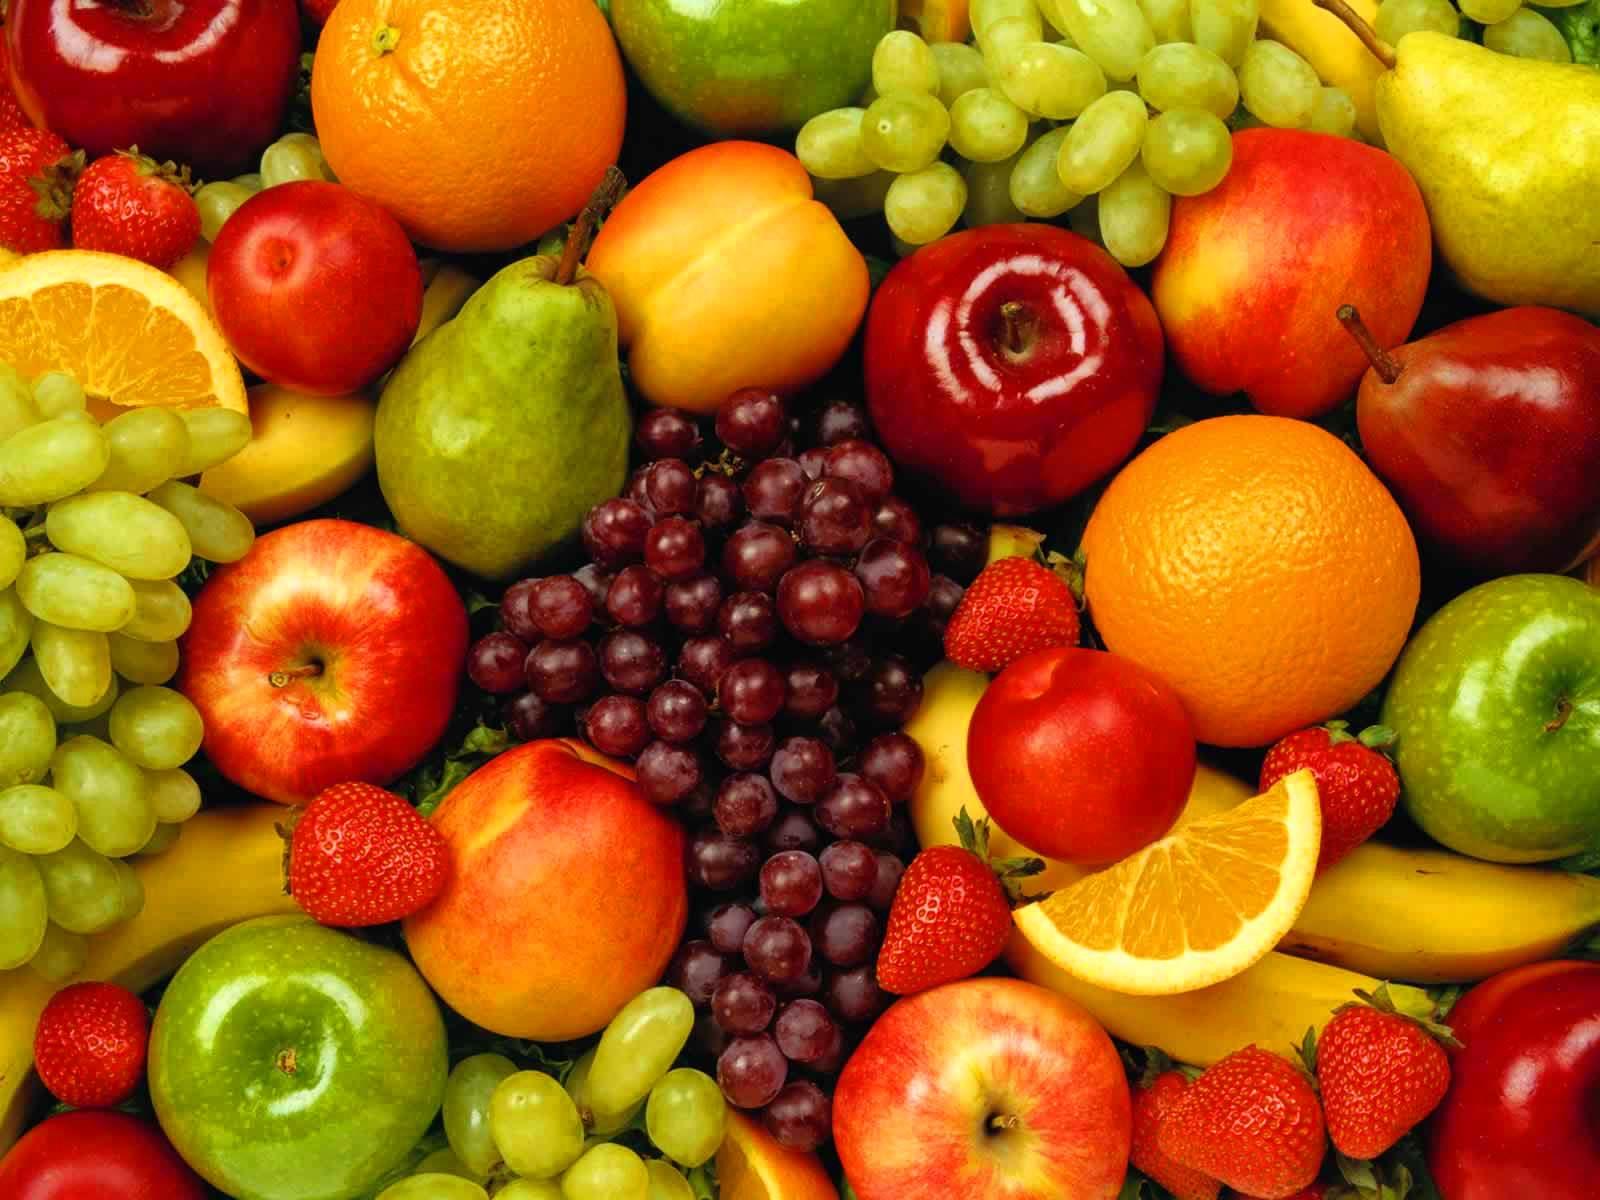 Los antioxidantes pueden empeorar el cáncer